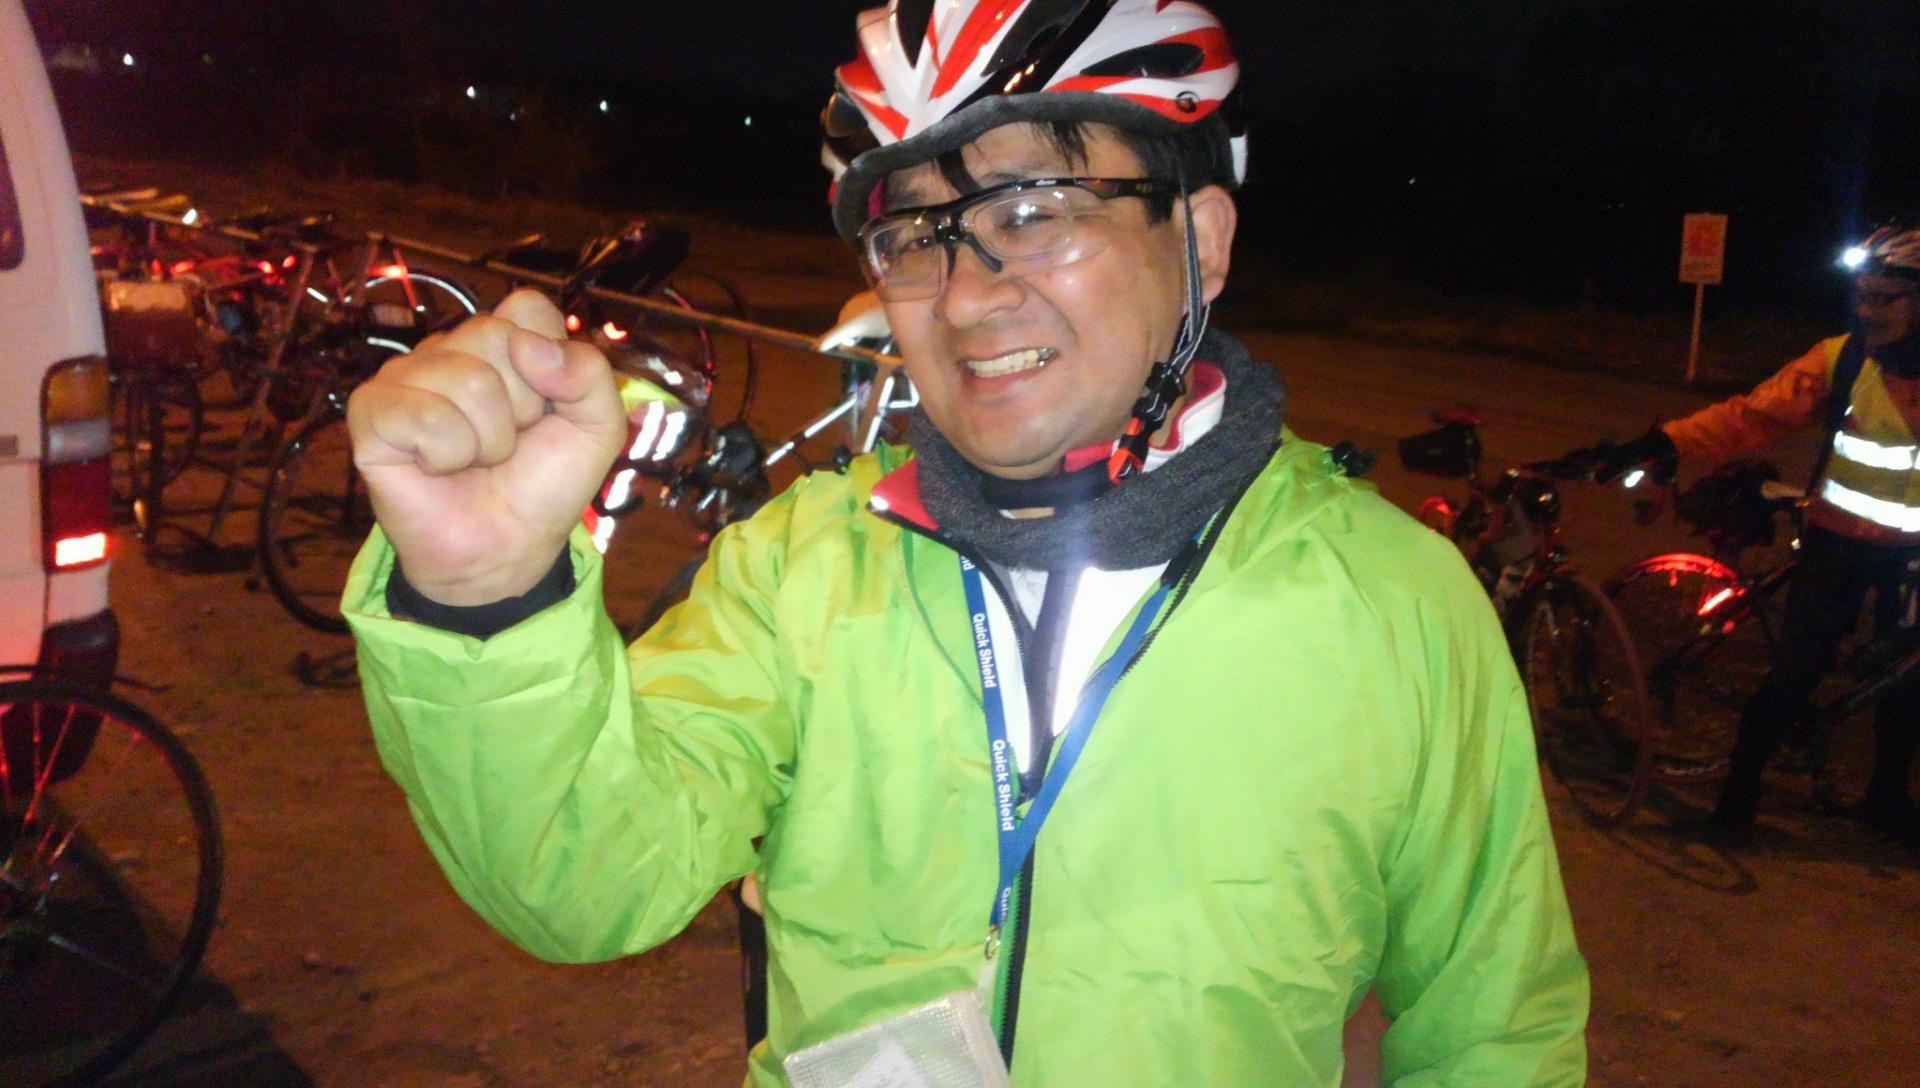 アスケンロードバイク研究部会 AJ埼玉 BRM322 300km 6名がエントリー 俺たちのブルベは続く!